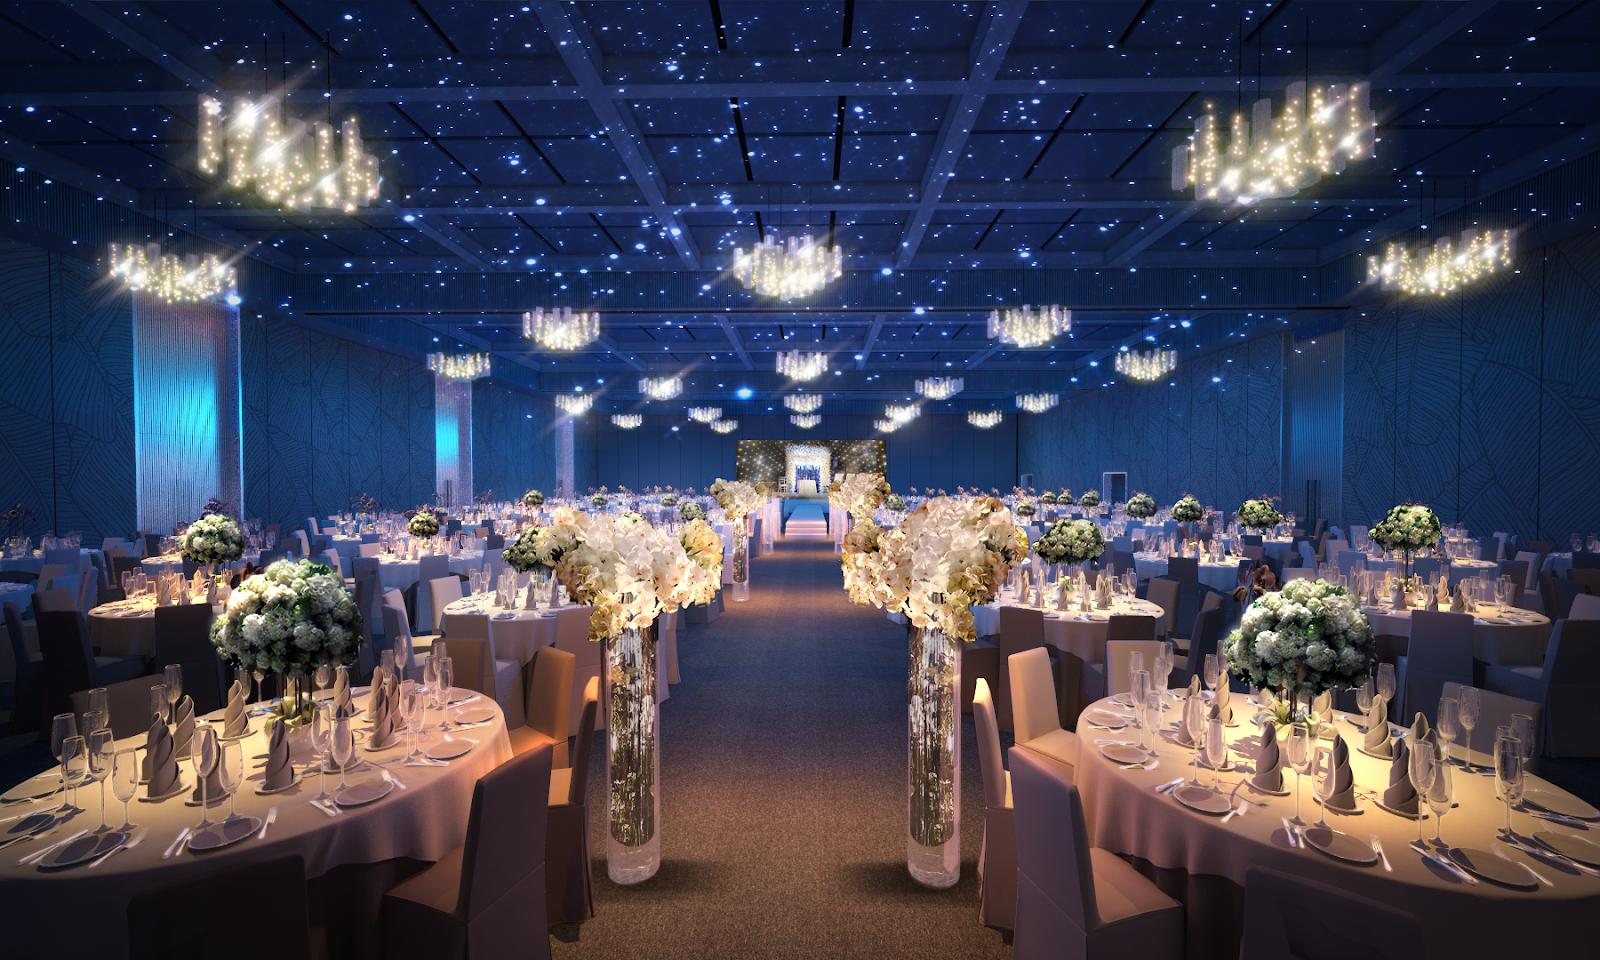 Có ý định tổ chức tiệc cưới tại nhà hàng, bạn cần lưu ý những gì?